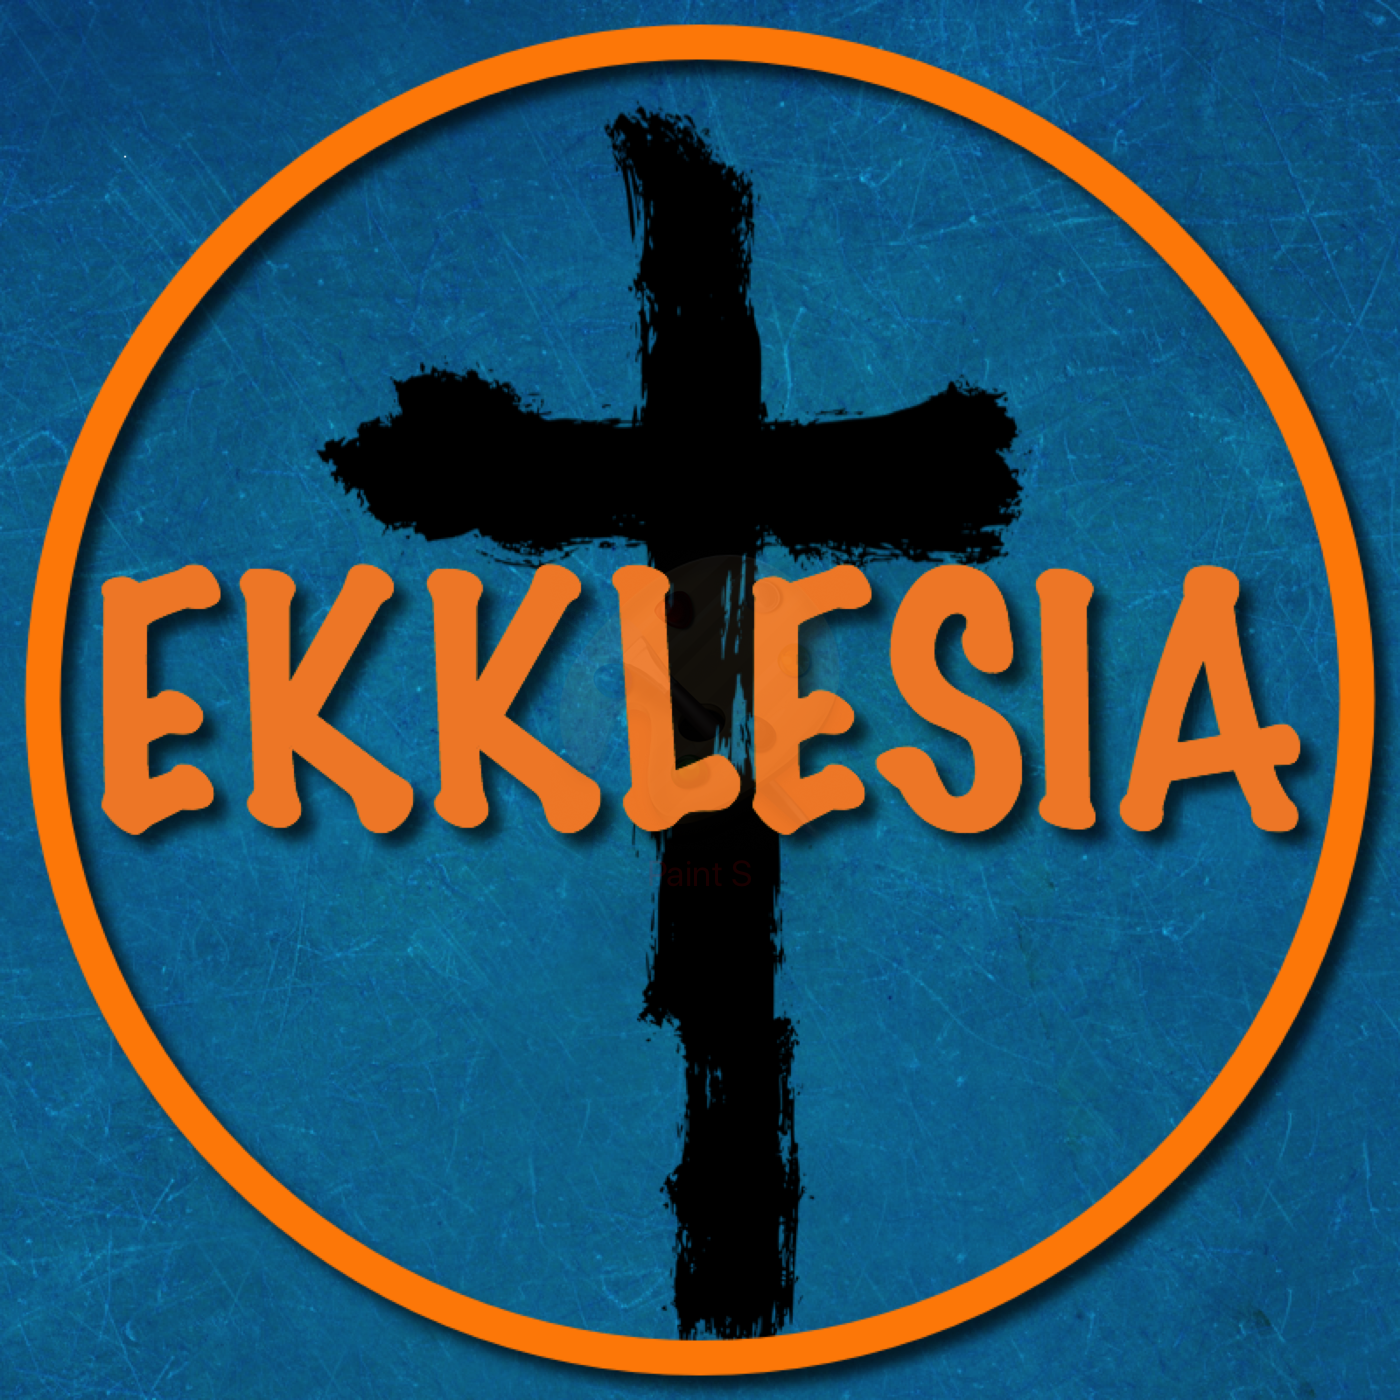 The Ekklesia Podcast